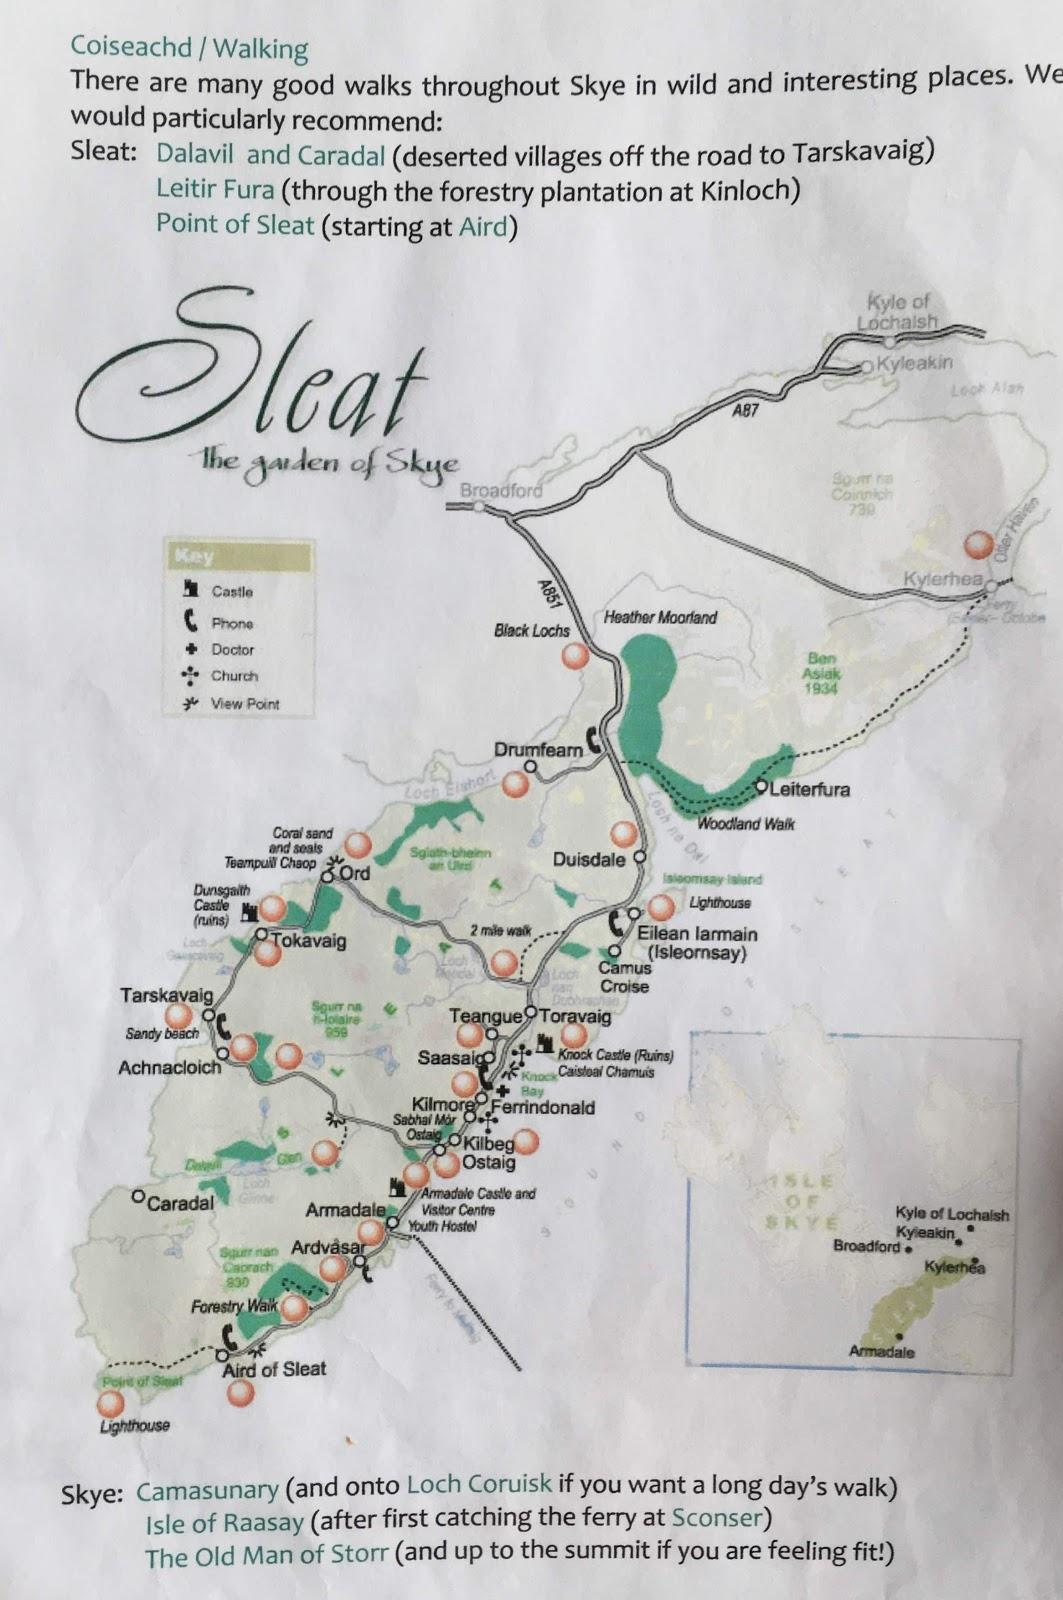 map of sleat region of skye